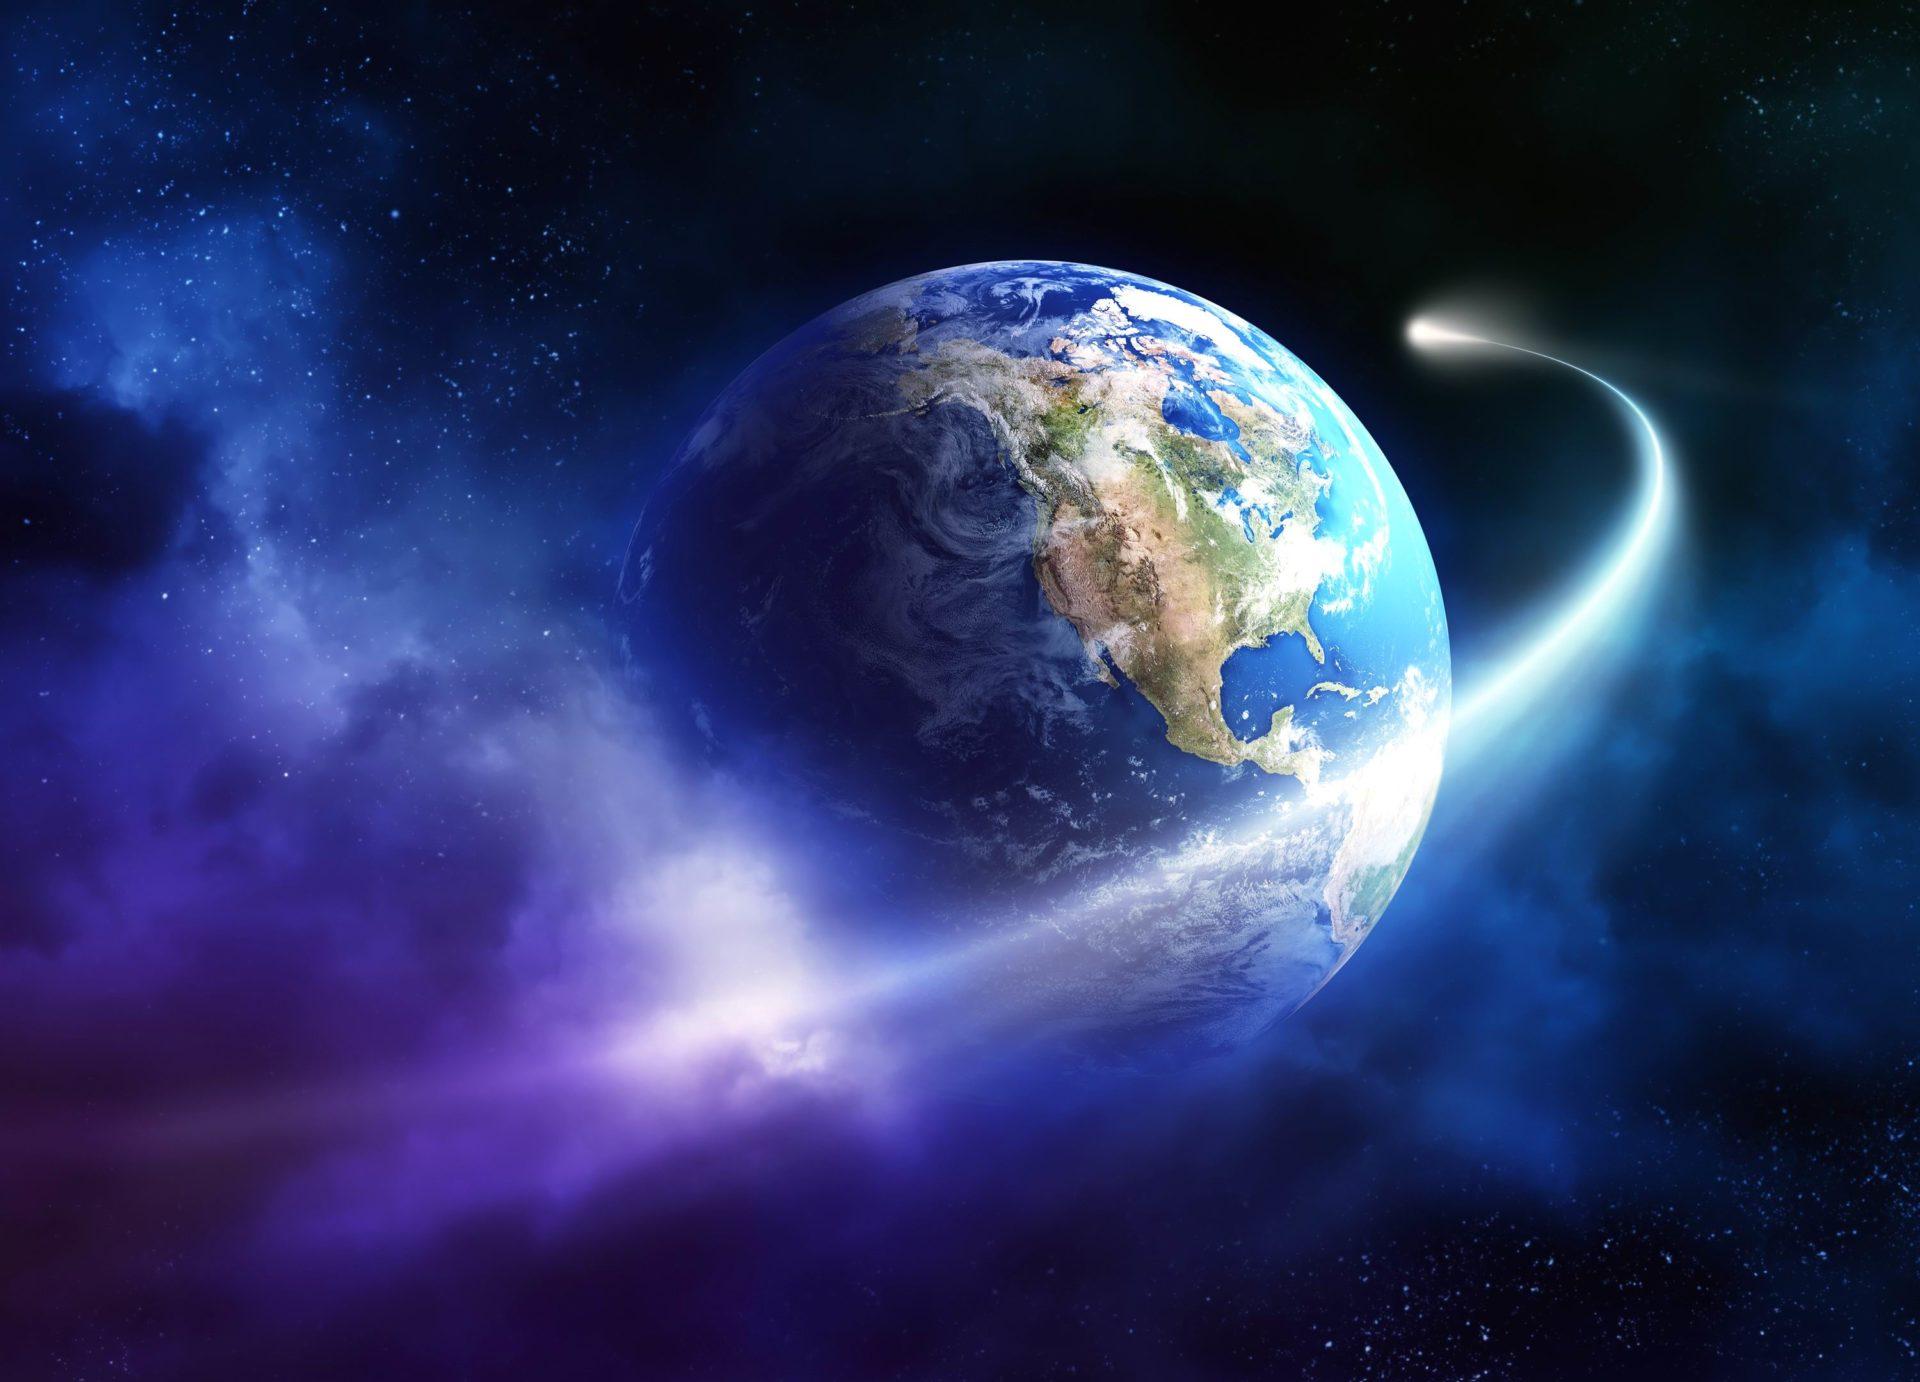 Из-за ускорения движения Земля может лишиться 1 секунды всемирного времени